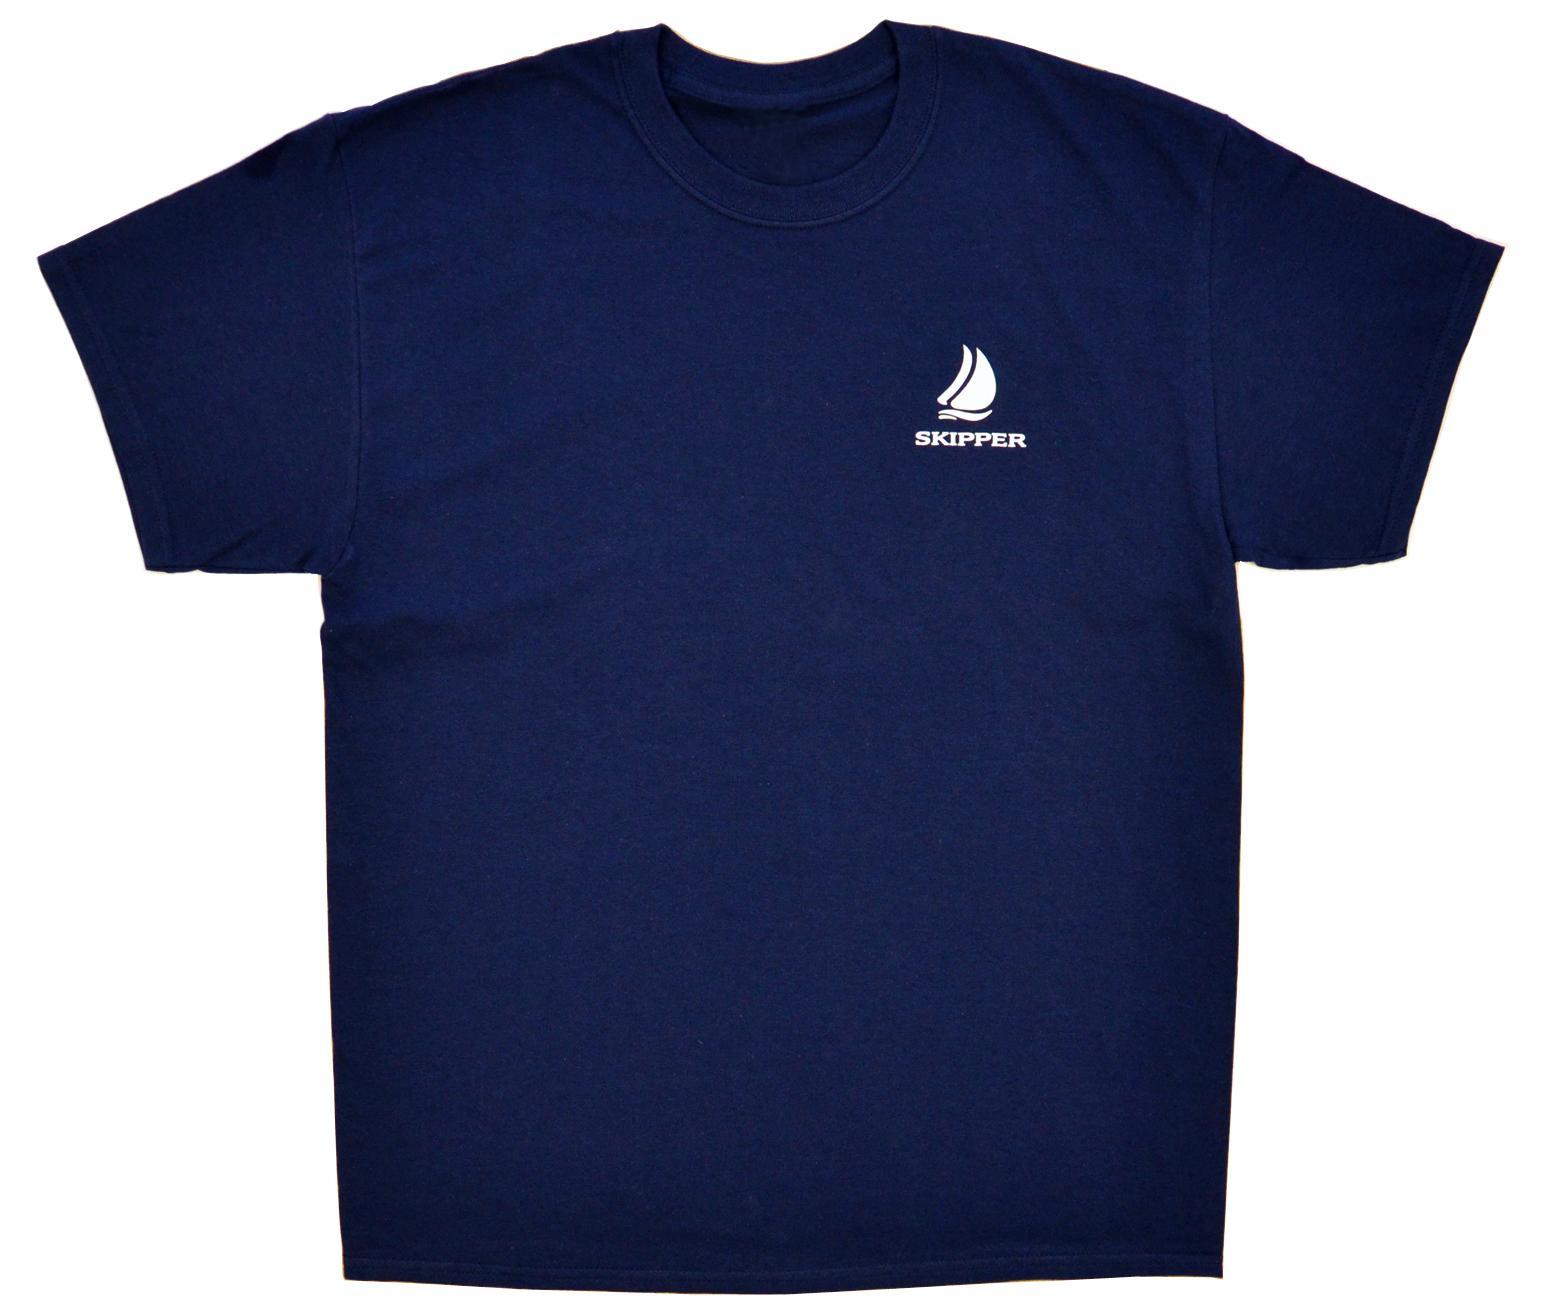 Kapitánské triko s nápisem SKIPPER - tmavě modré 3bdf6ff90f